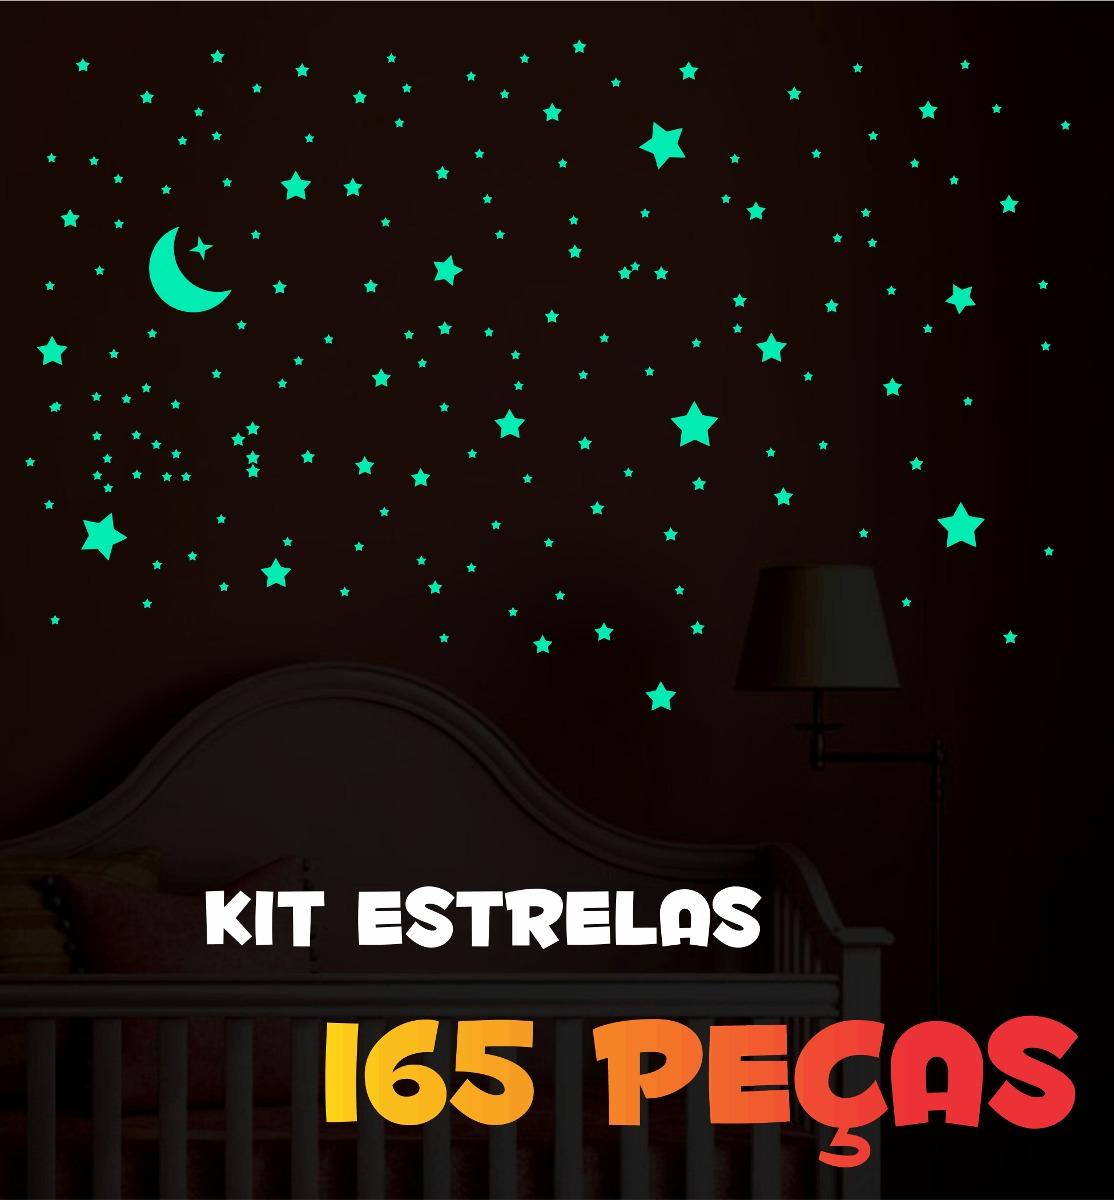 Armario Segunda Mano Mallorca ~ Adesivos Que Brilham No Escuro Kit Estrelas 165 Peças R$ 34,90 em Mercado Livre